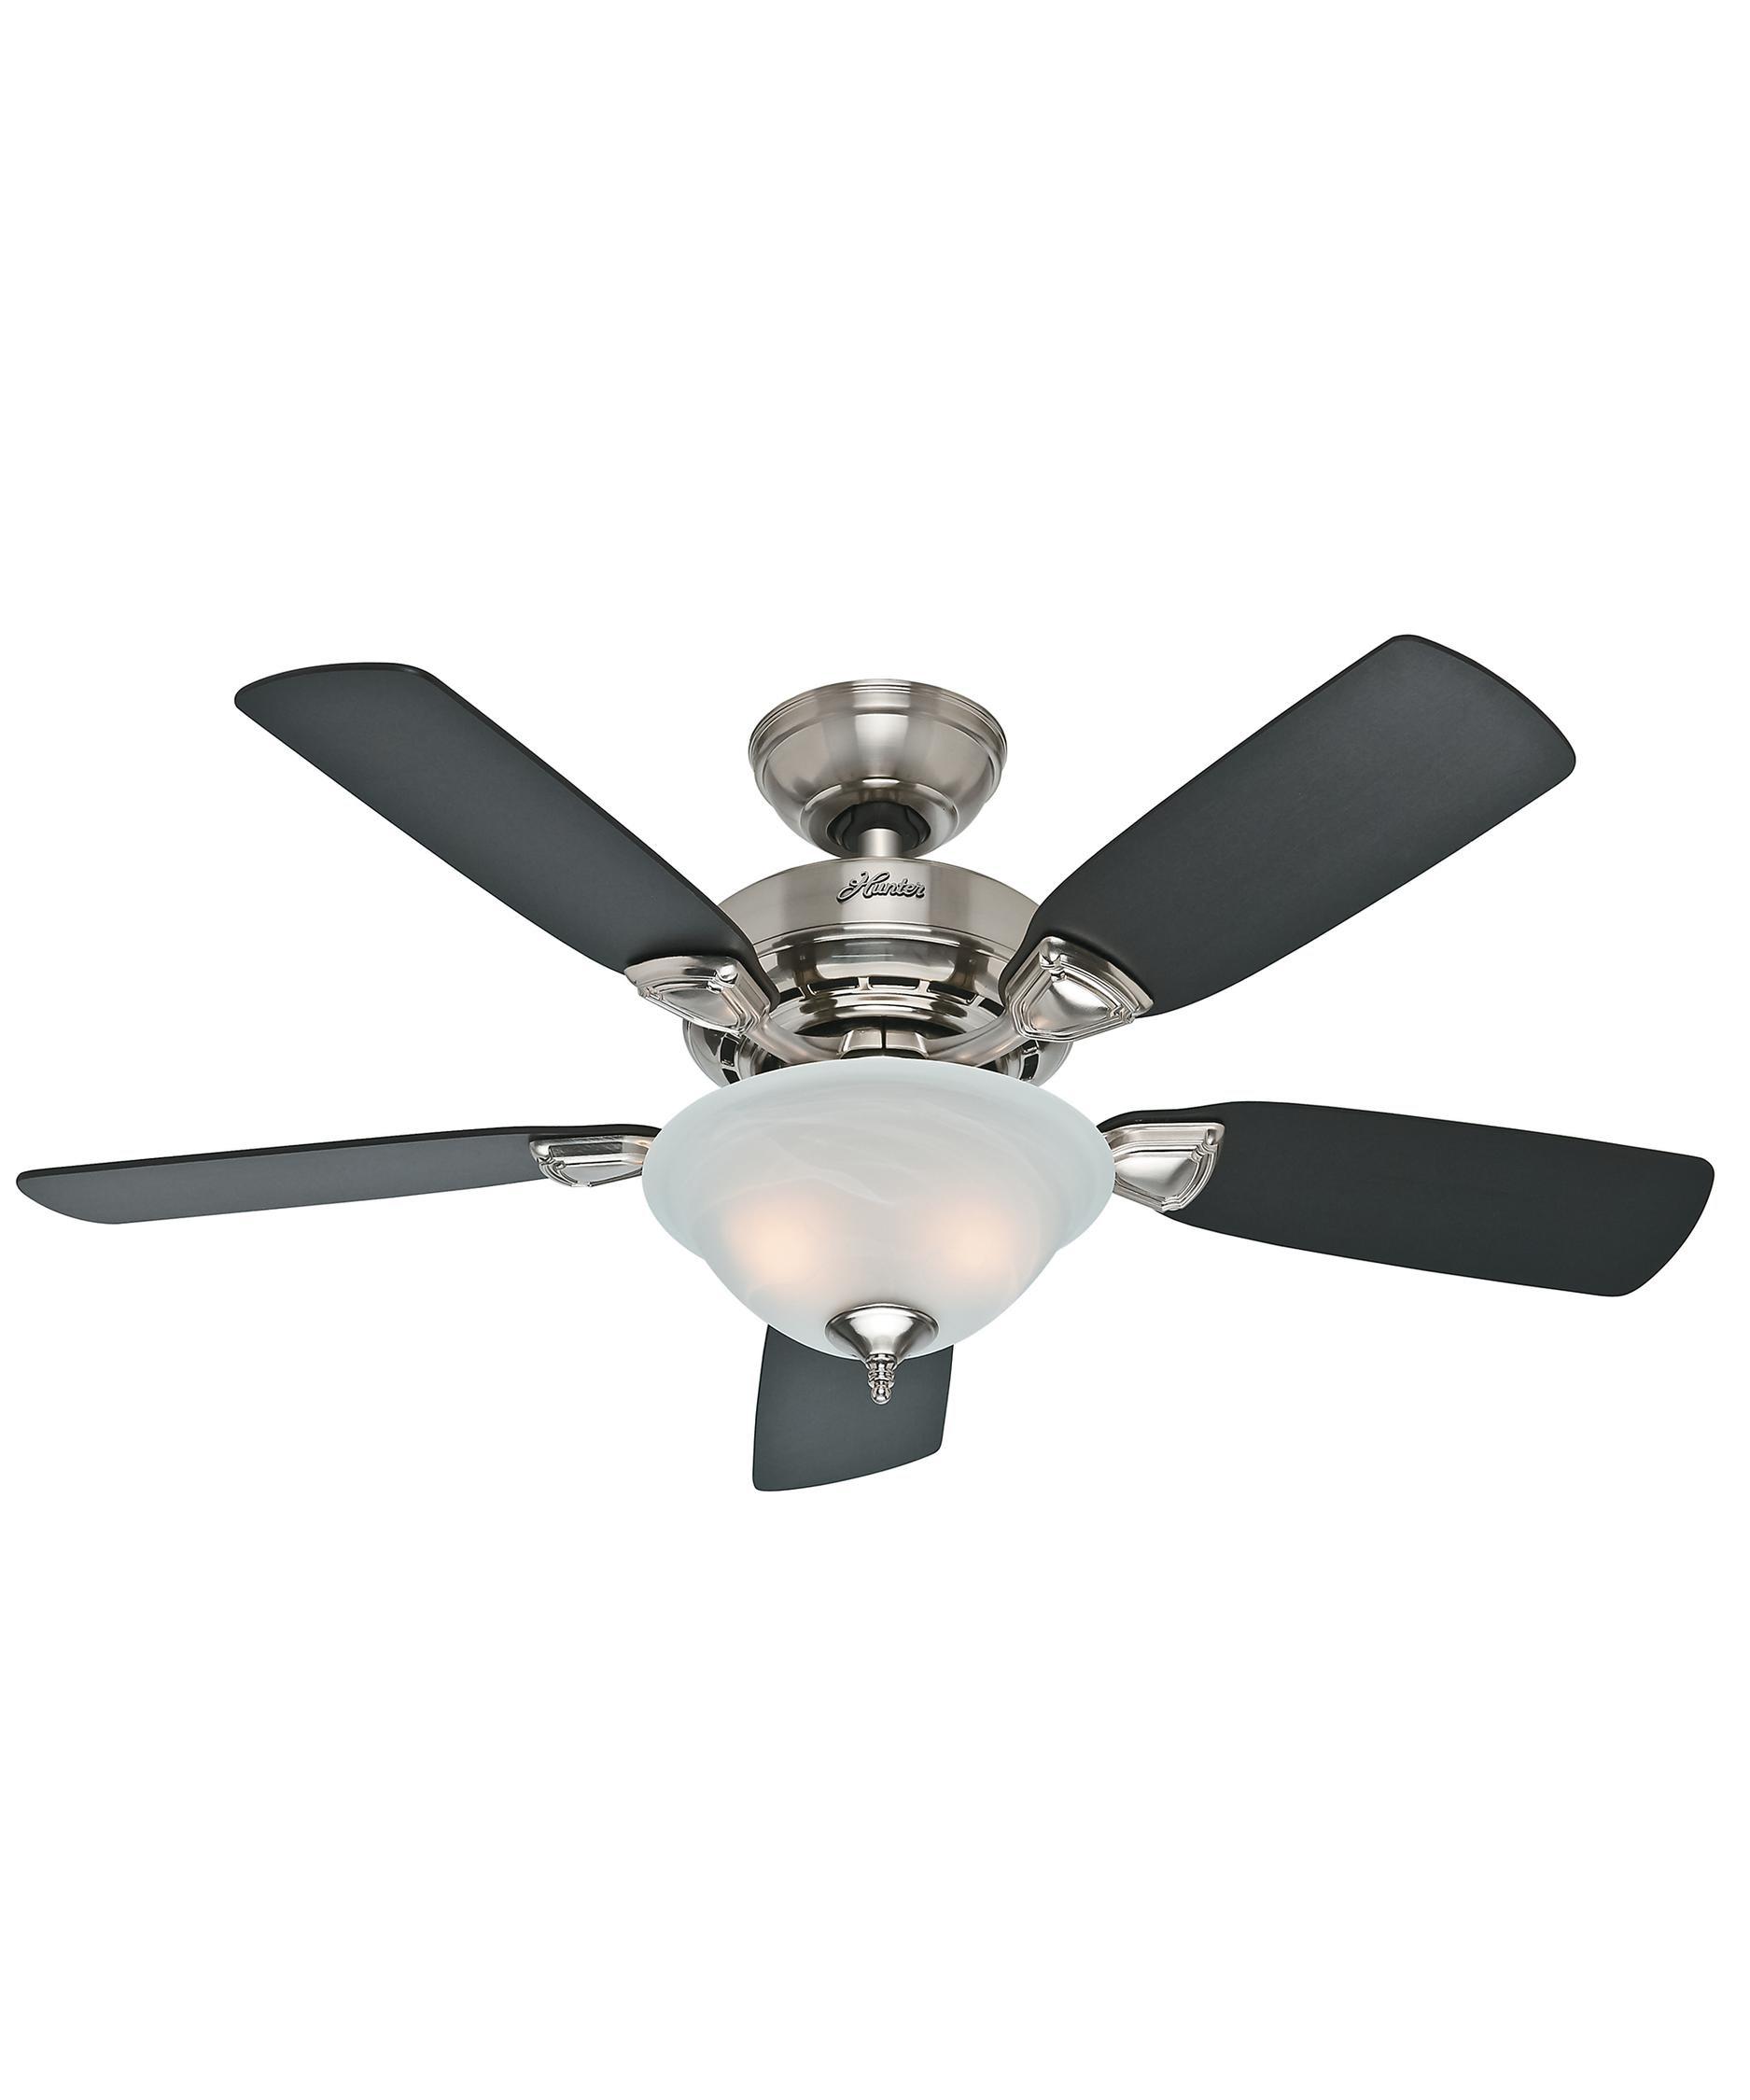 Hunter Fan 52081 Caraway 44 Inch Ceiling Fan With Light ...